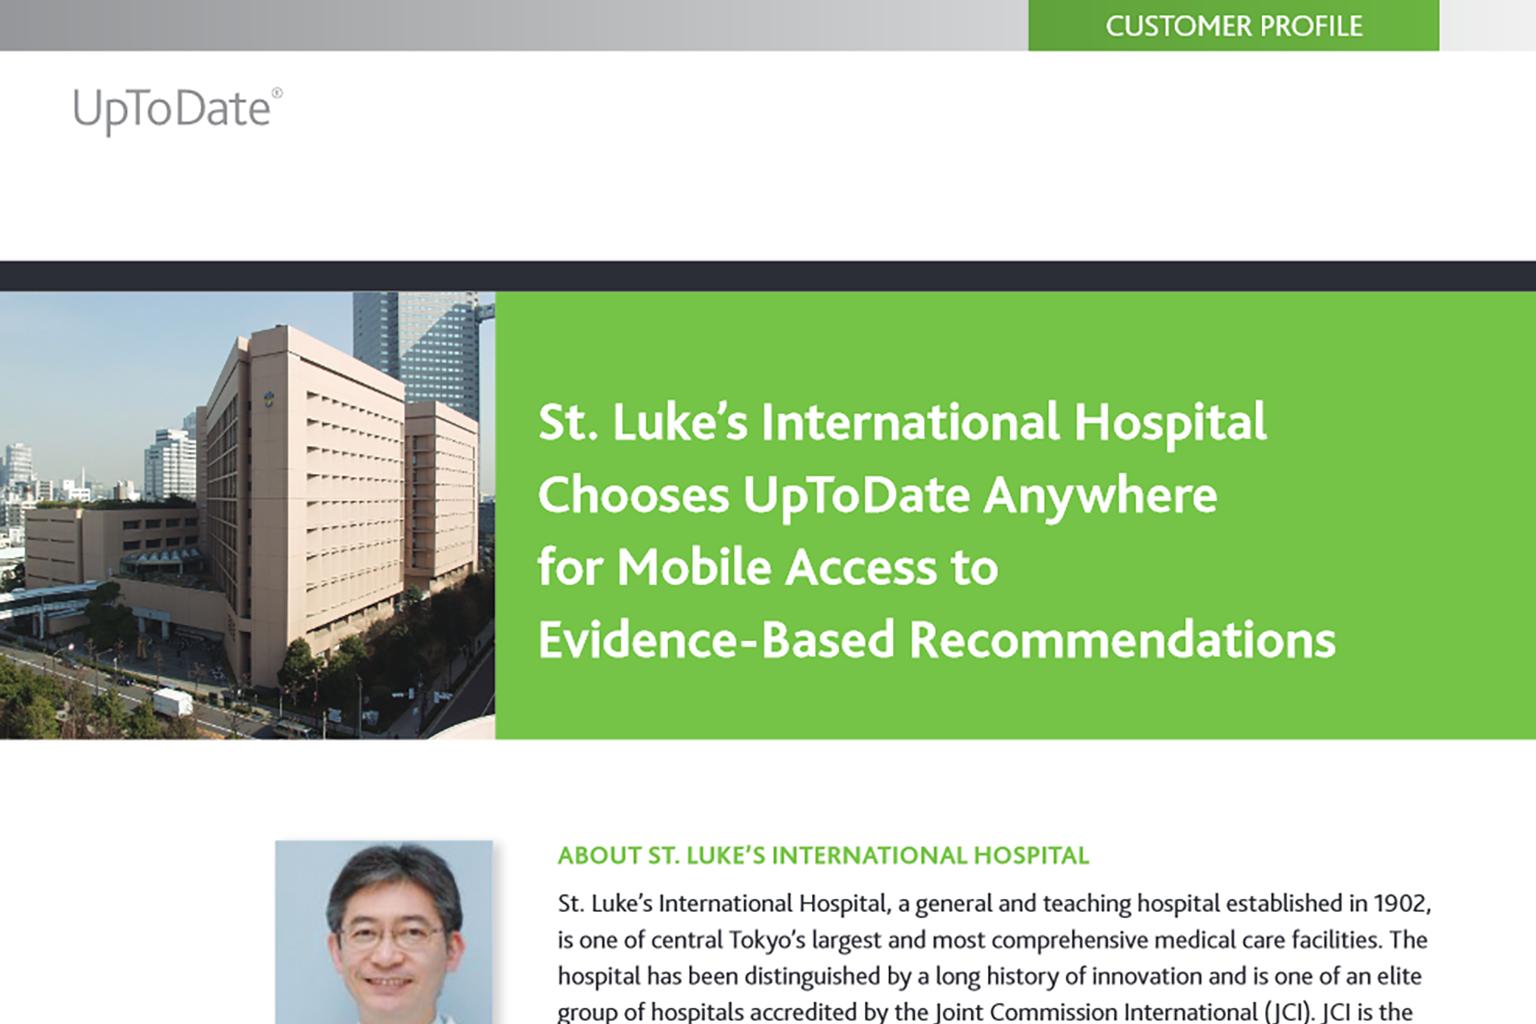 聖路加国際病院エビデンスに基づいた推奨治療法へのモバイルアクセスにUpToDate Anywhereを採用